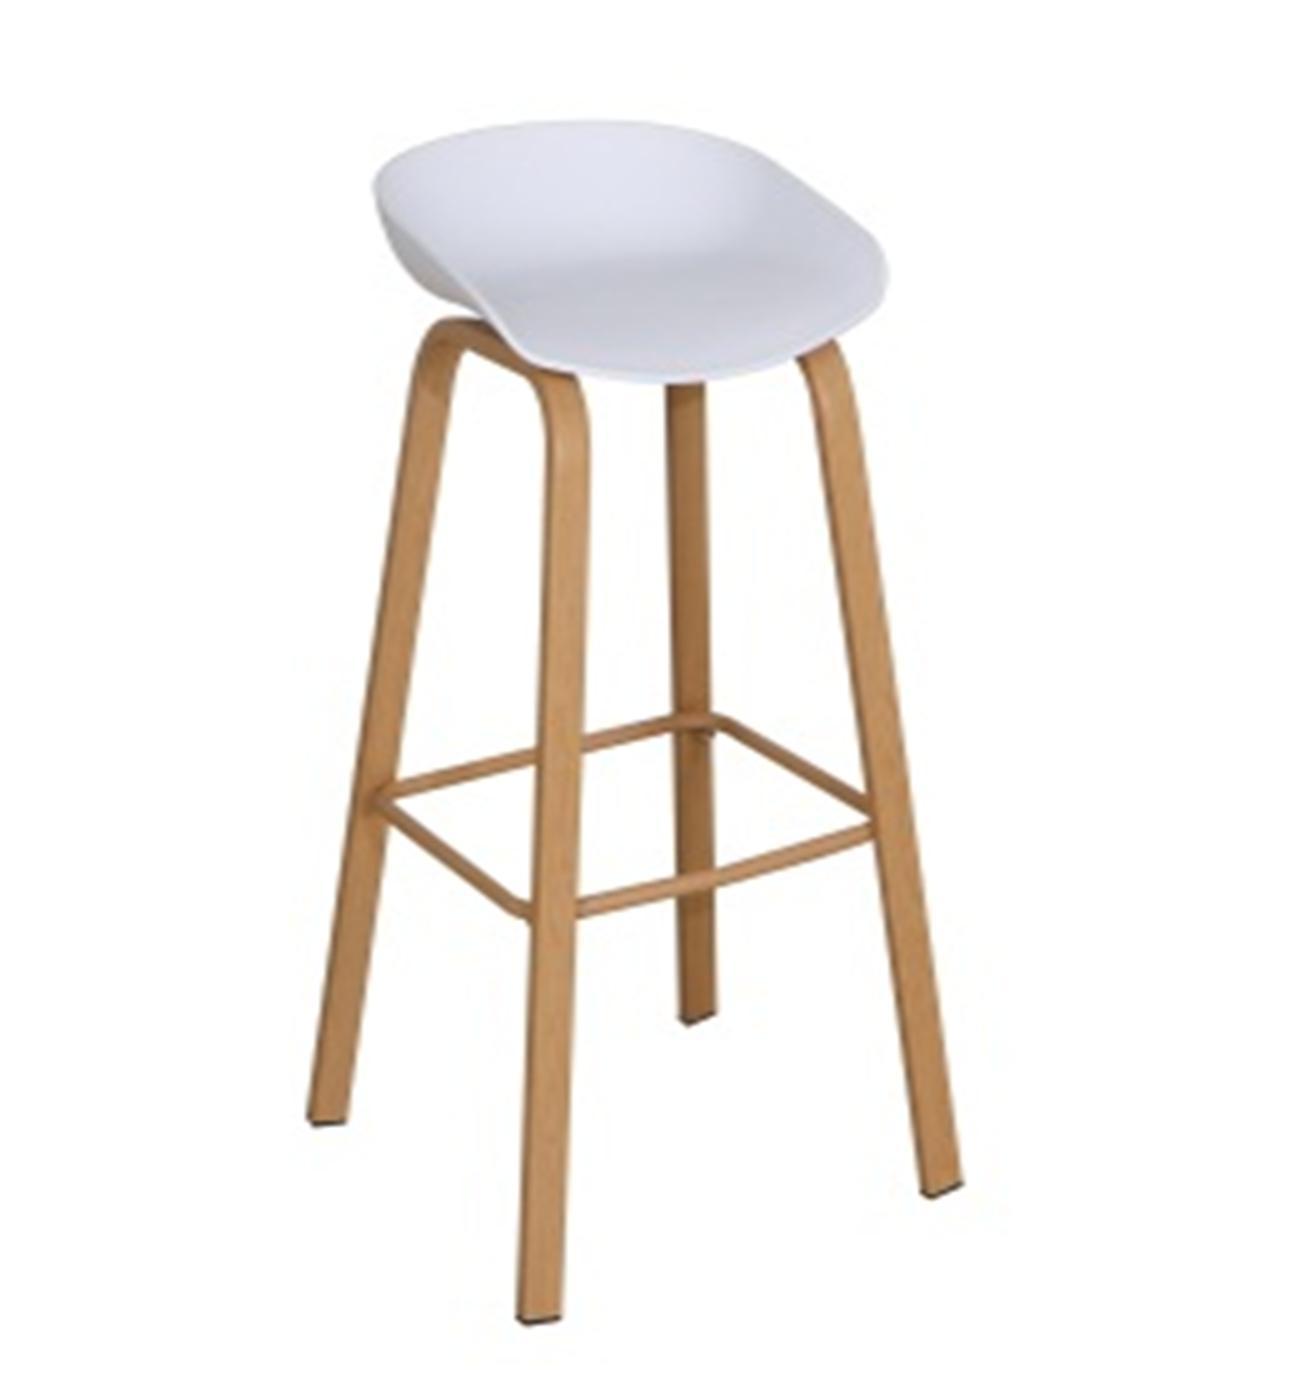 Ghế bar cao chân thép sơn tĩnh điện đen KG-0711